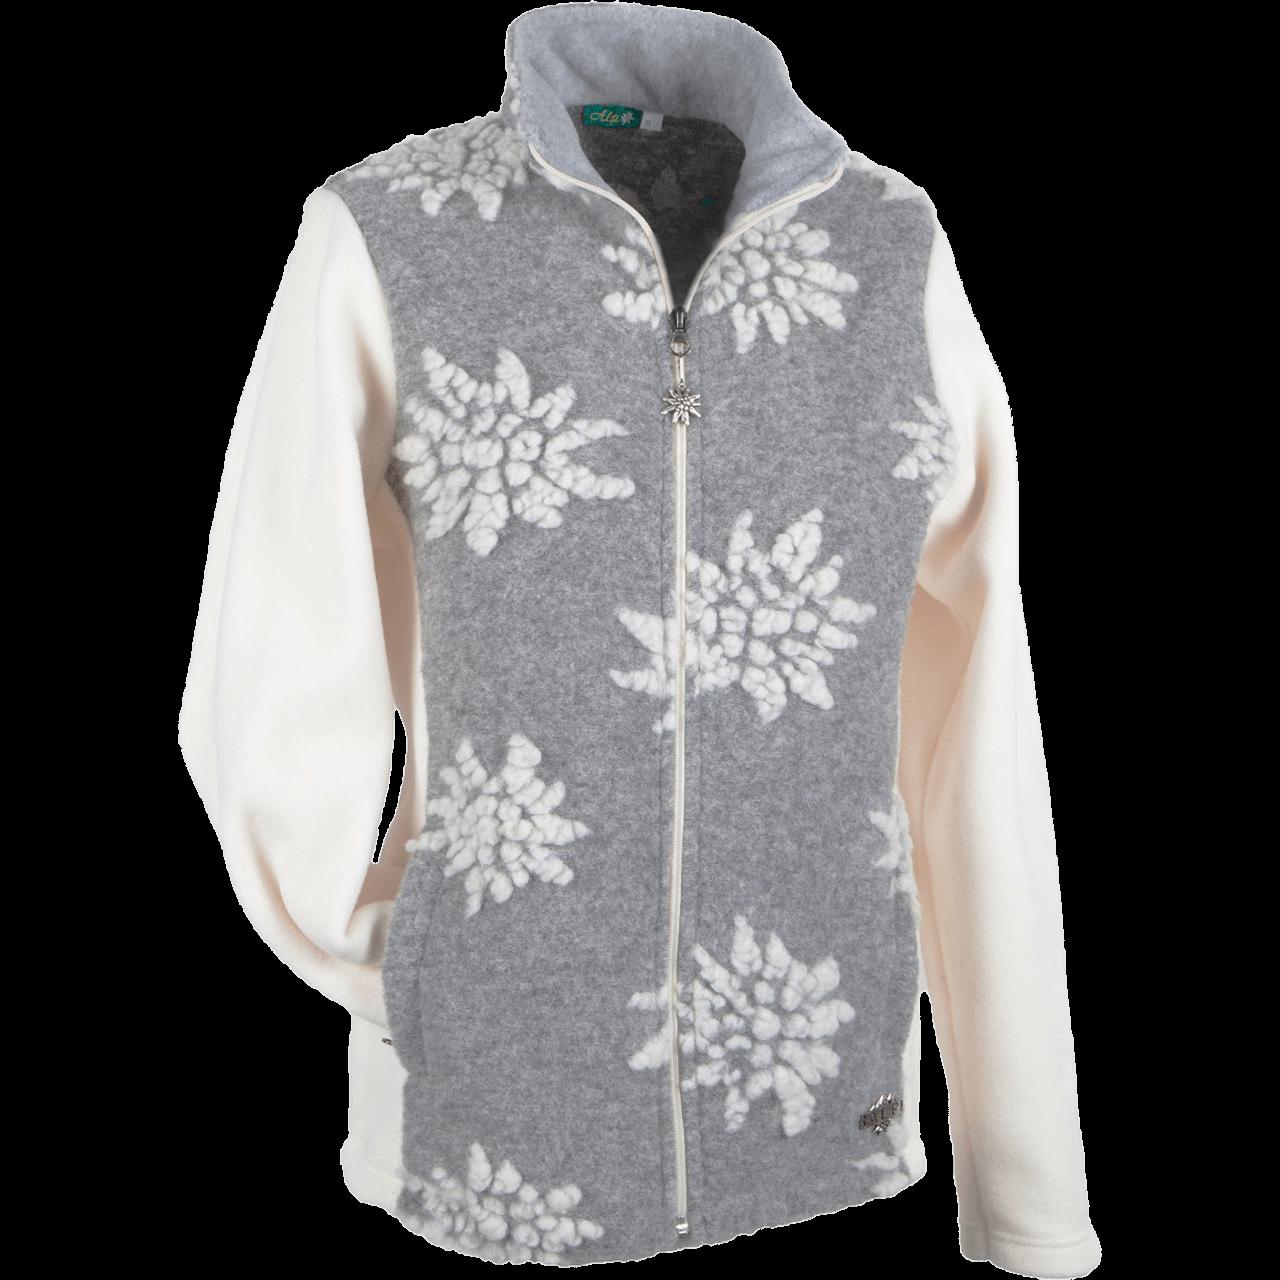 giacca-donna-296501-alp1964